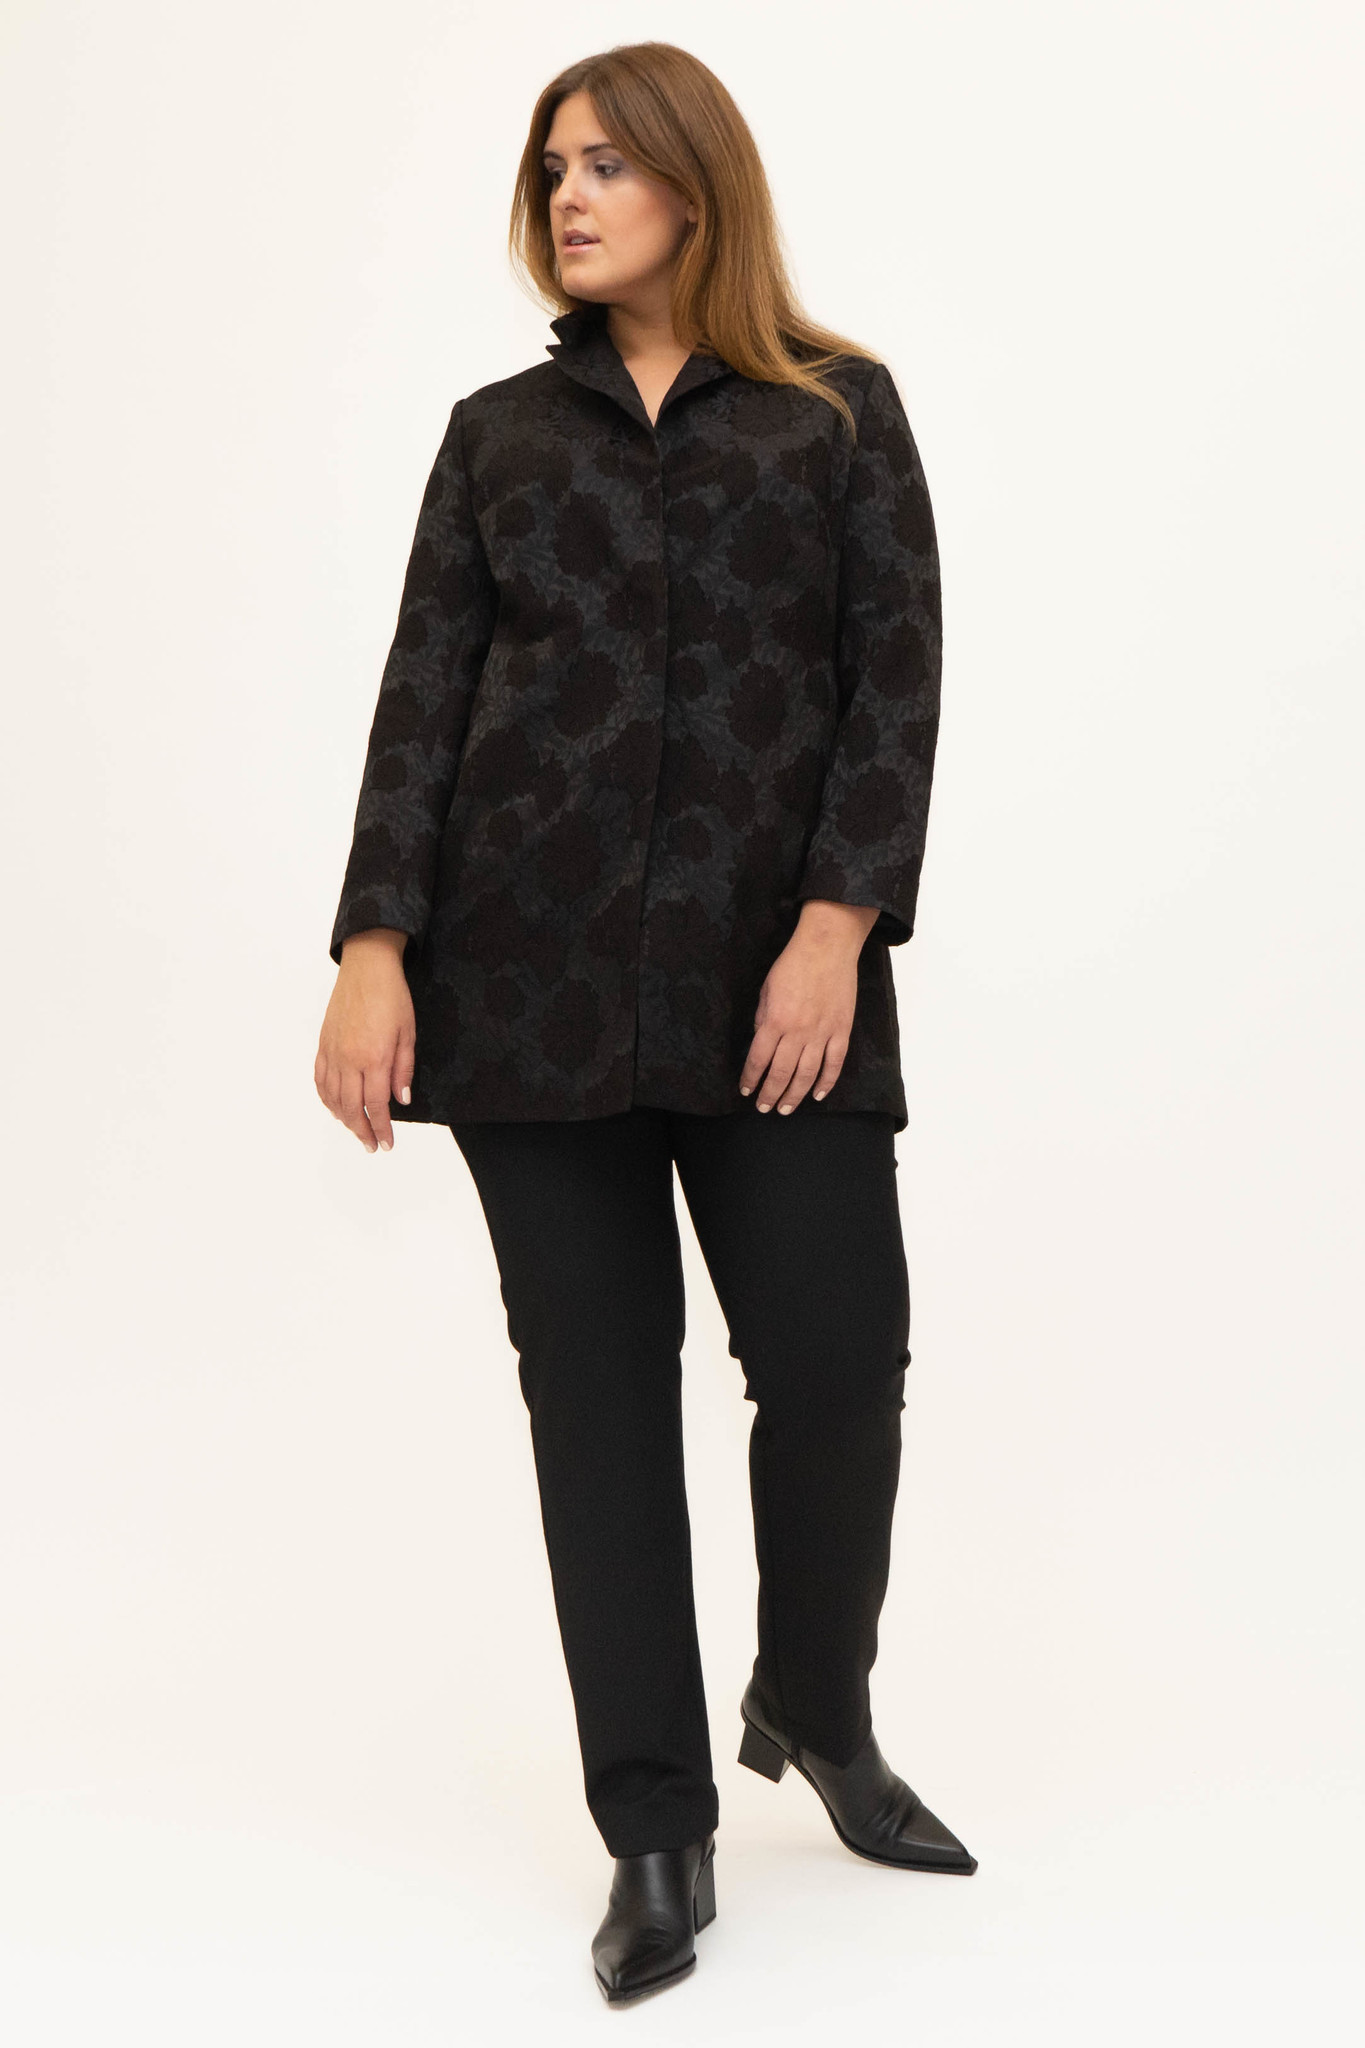 AMELIA Jacket in Viscose Jacquard-2